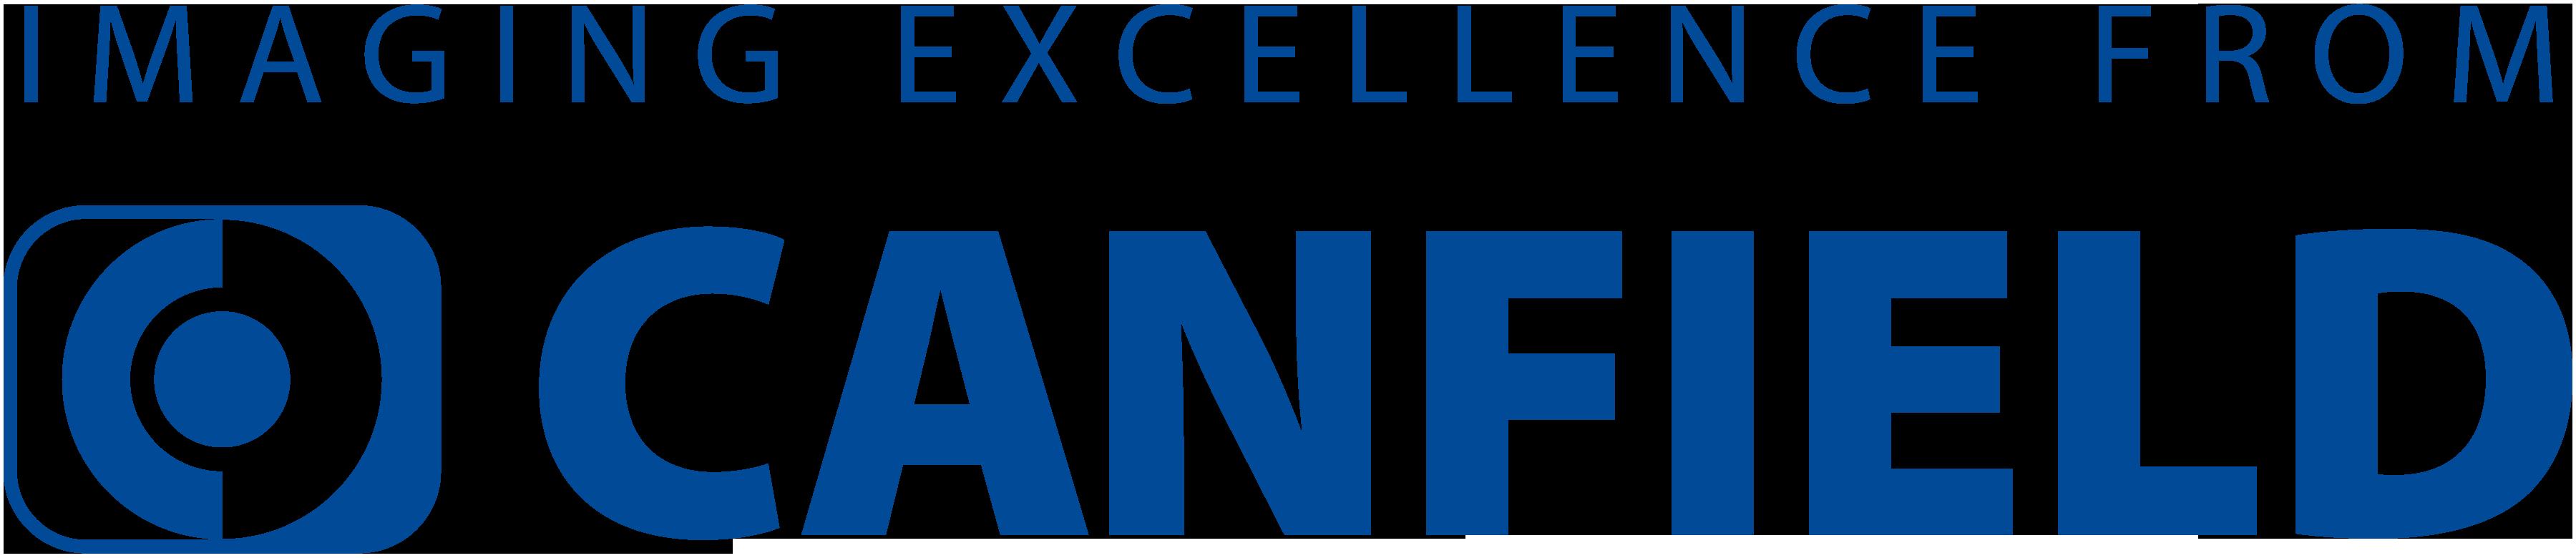 Canfield Scientific_DASIL 2018